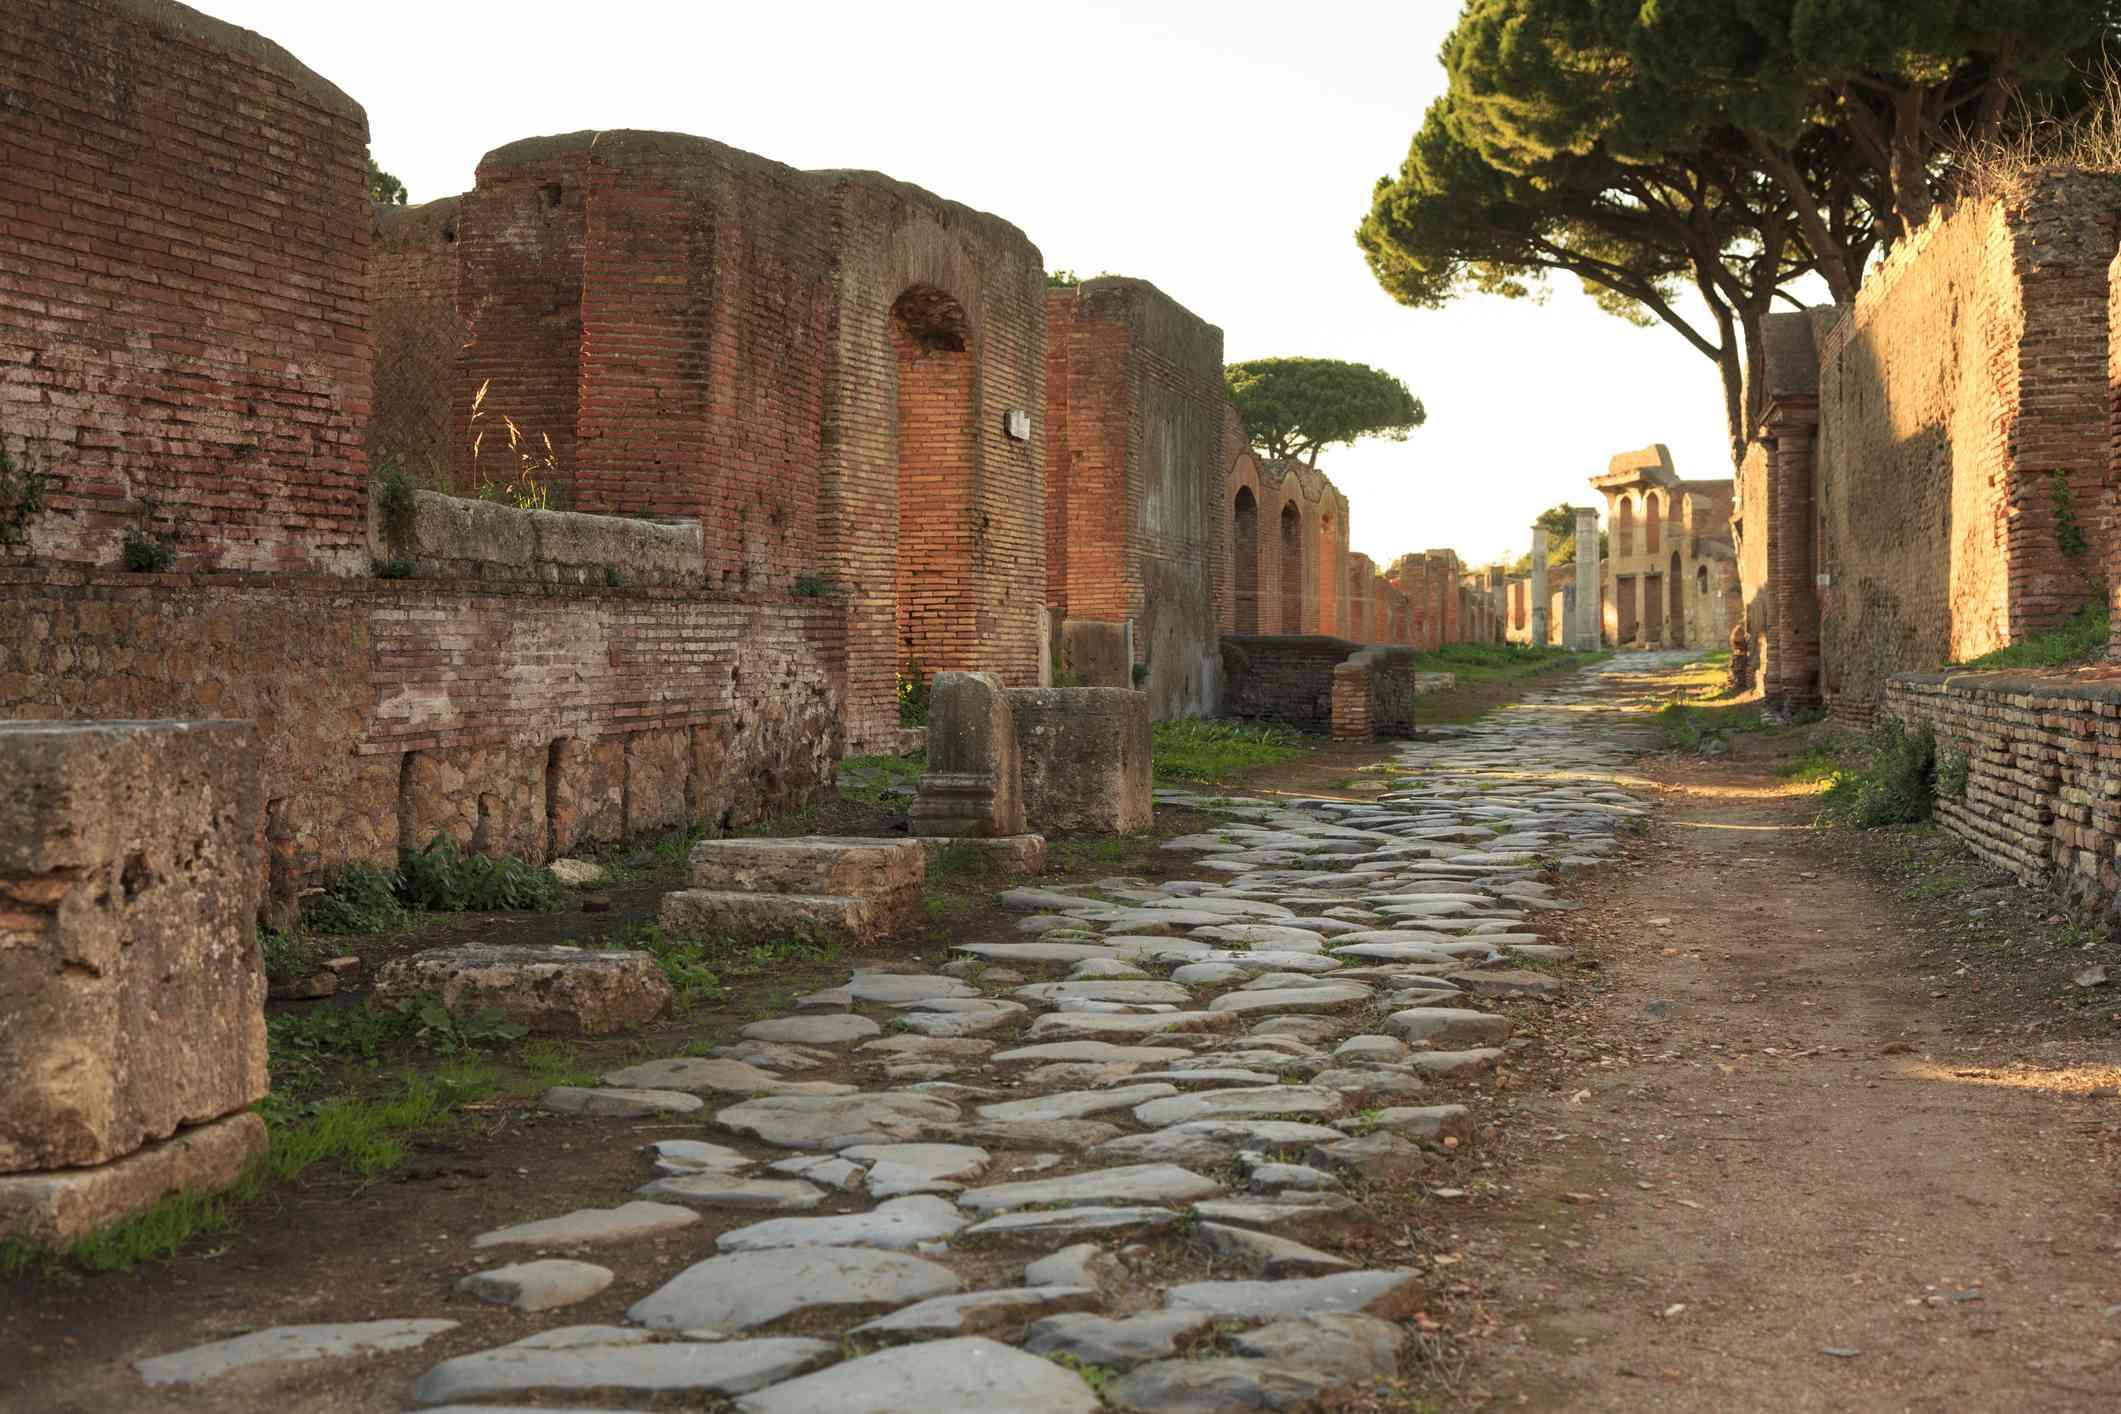 A Roman road in Ostia Antica